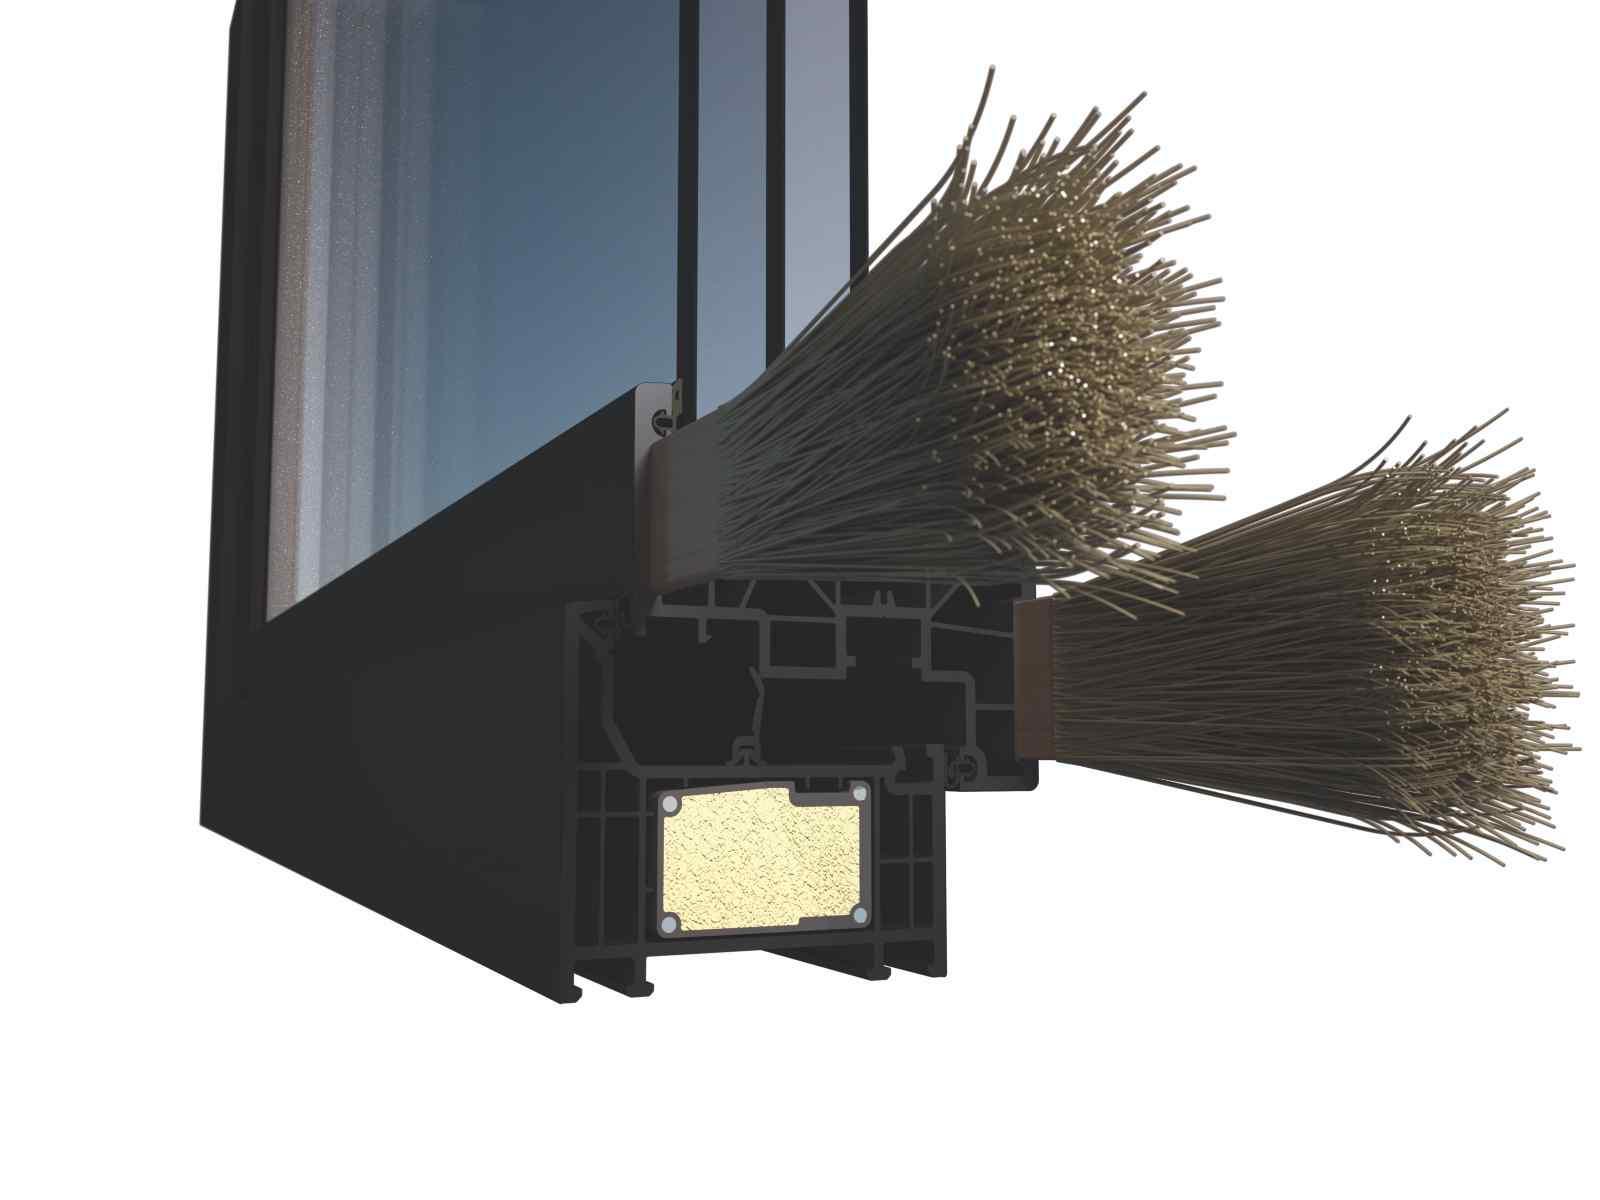 Sklenné vlákna v okennej výstuži